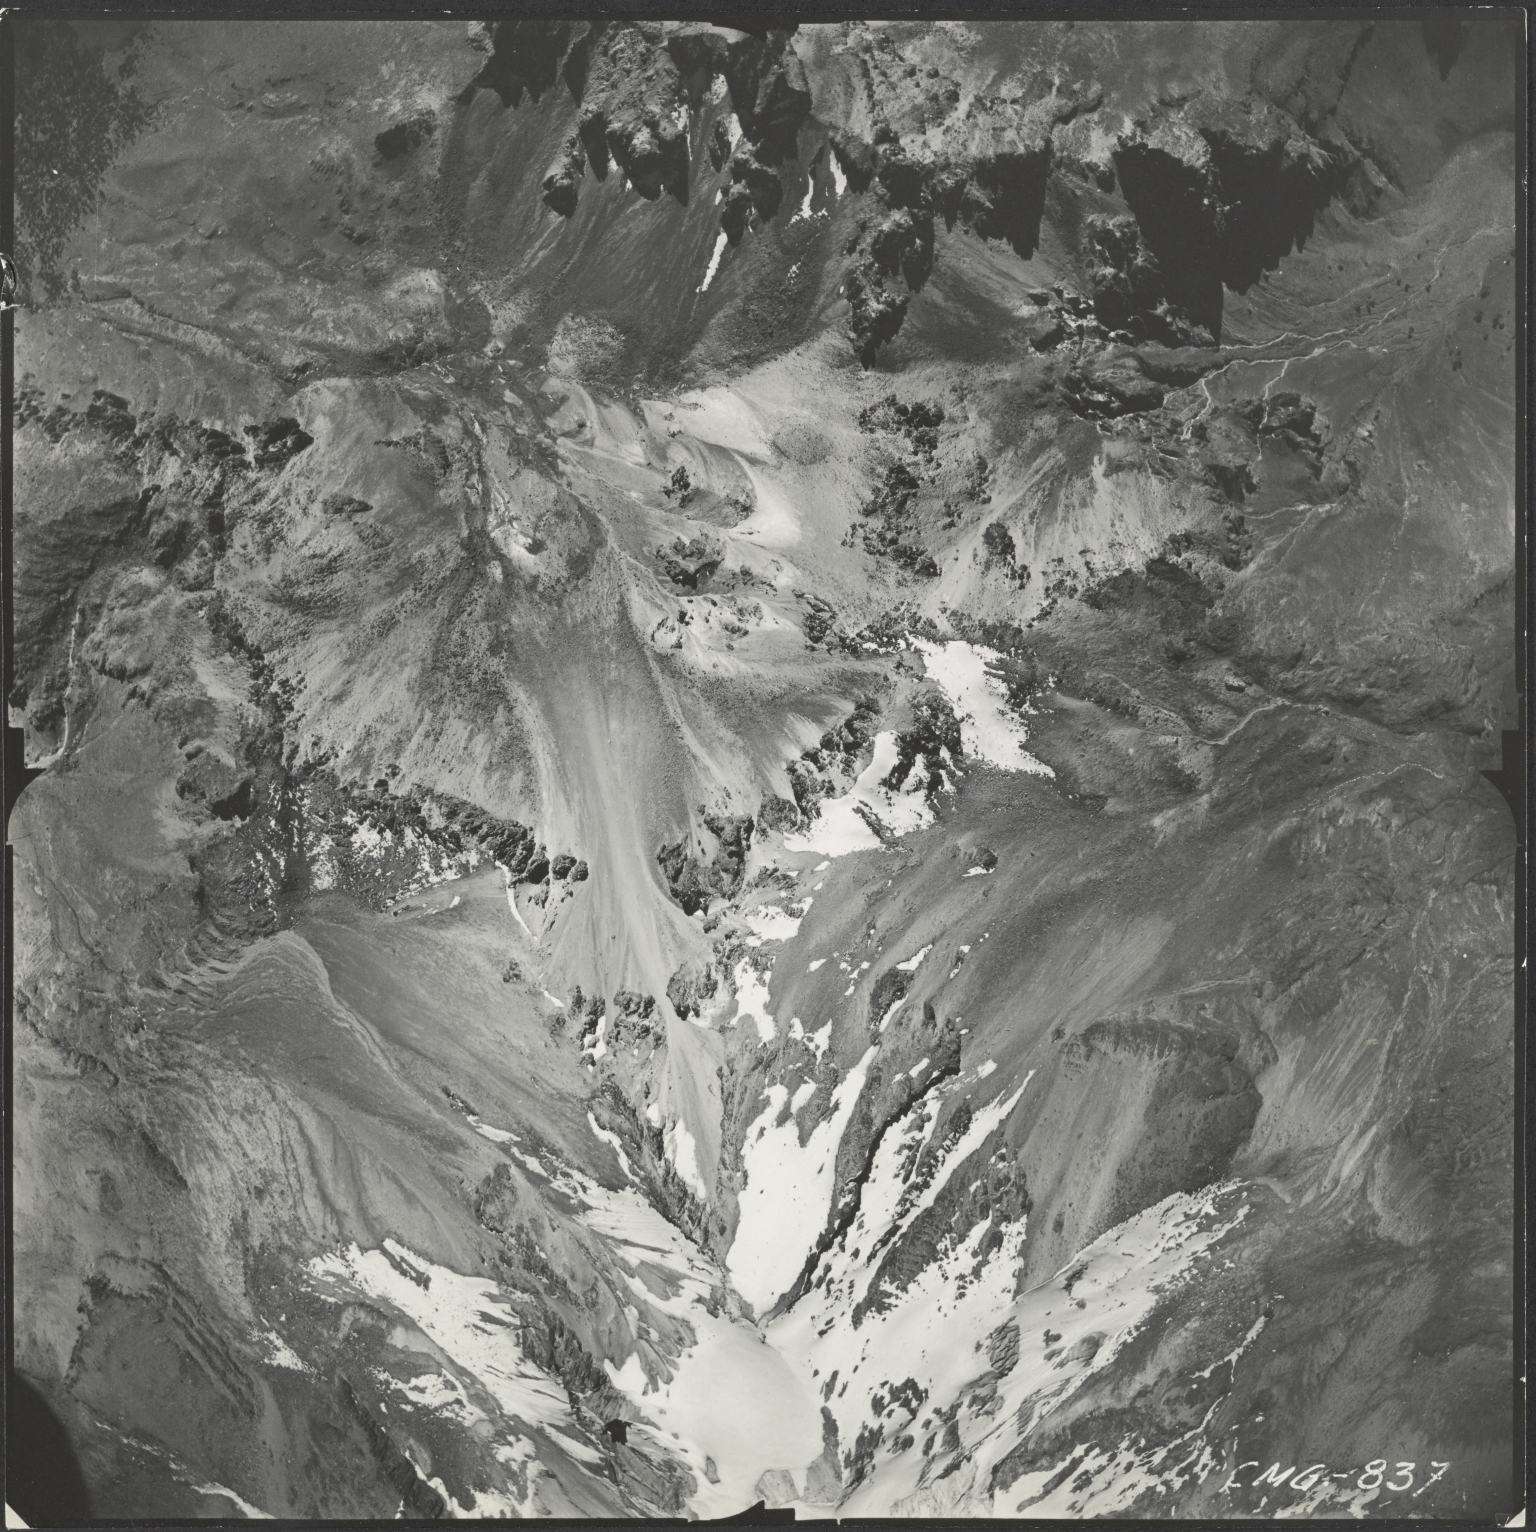 Popocatepetl Glacier and Iztaccihuatl Glacier, Mexico